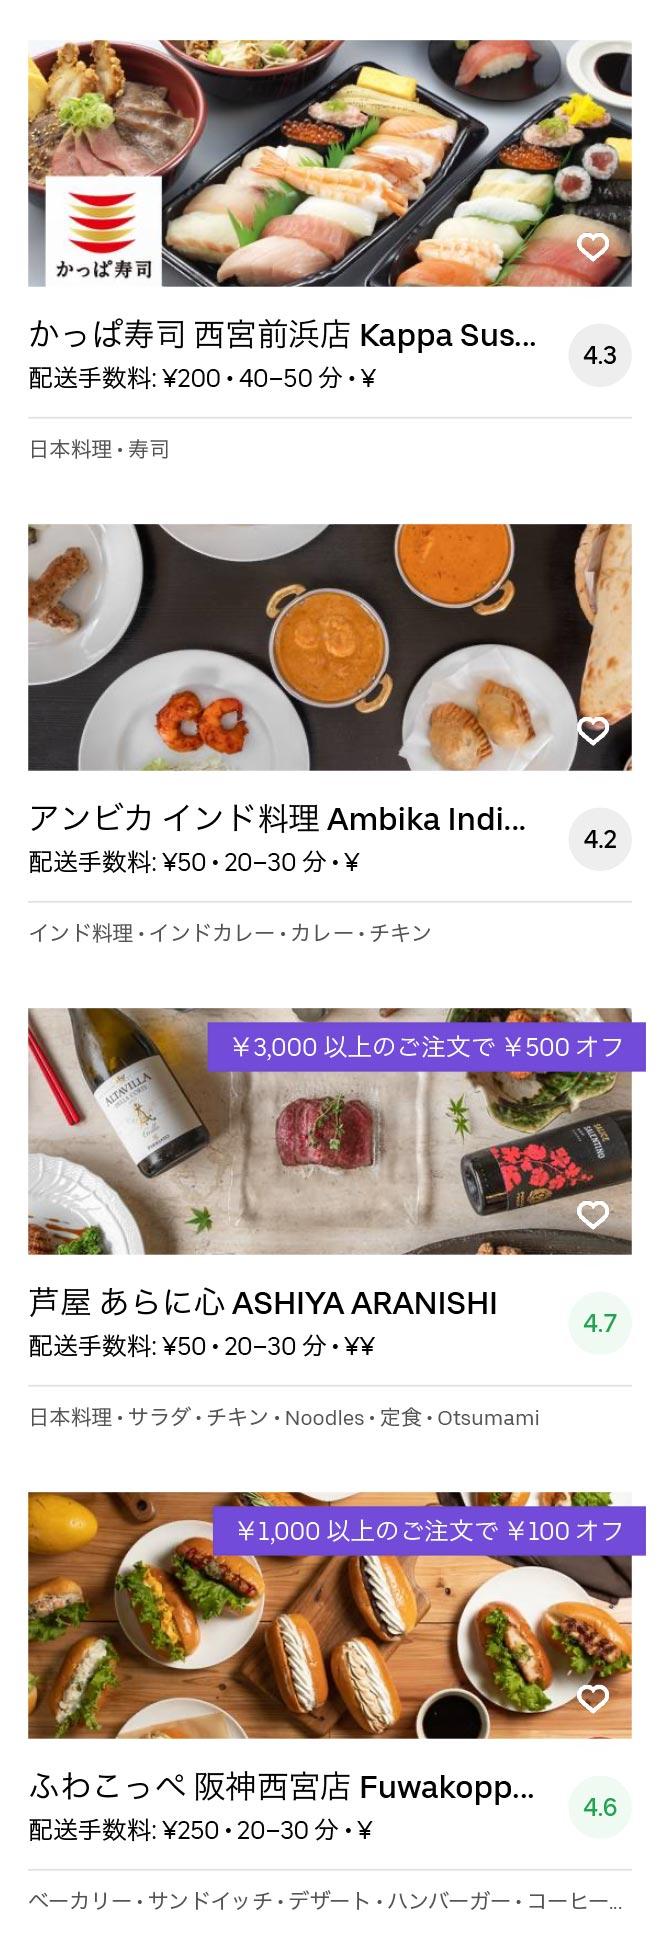 Hyogo ashiya menu 2005 08